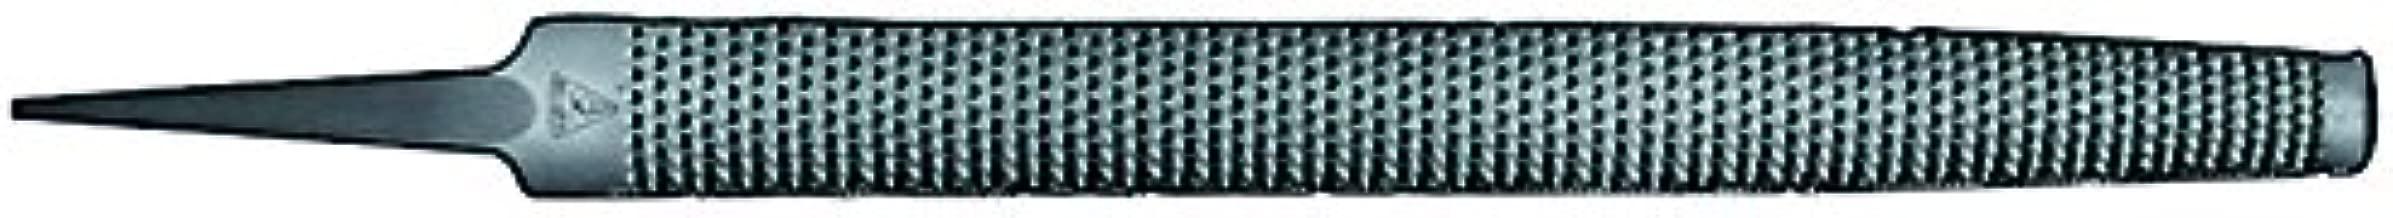 Besttse Juego de 10 limas de aguja peque/ñas de 140 mm de aleaci/ón para joyer/ía